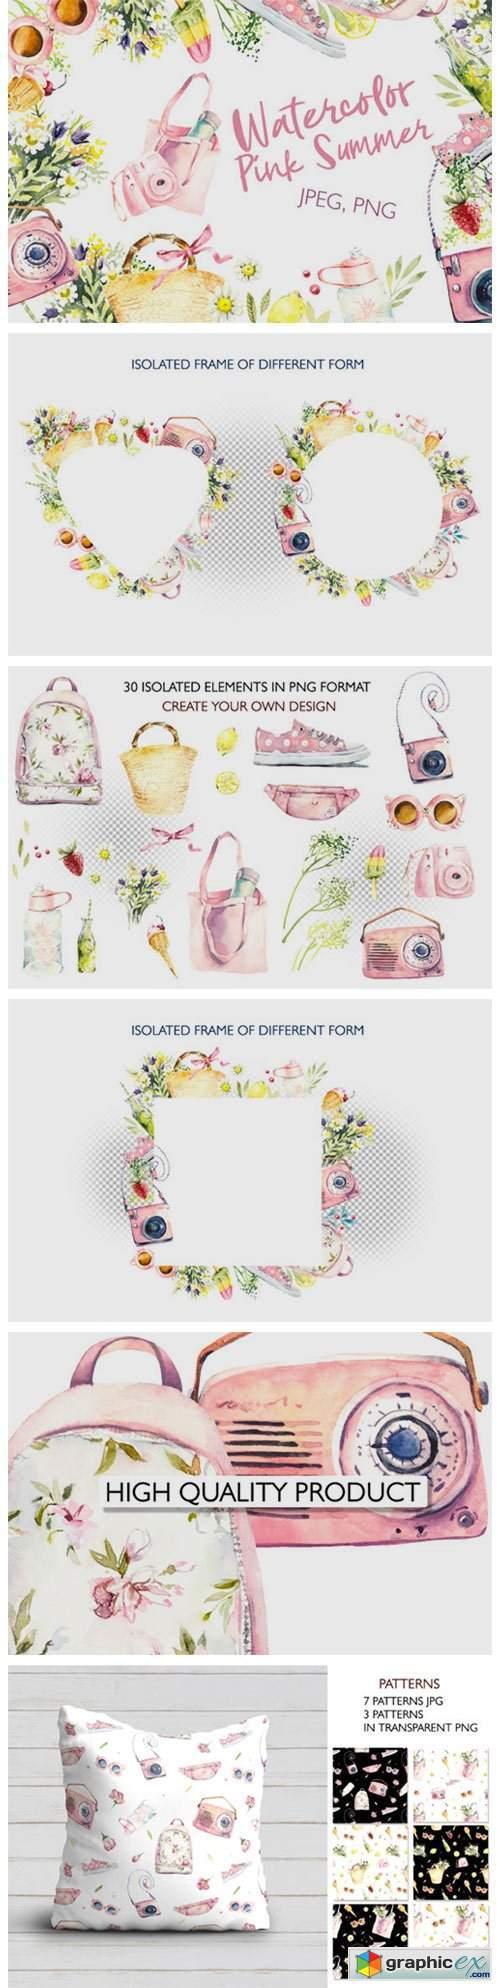 Watercolor Pink Summer